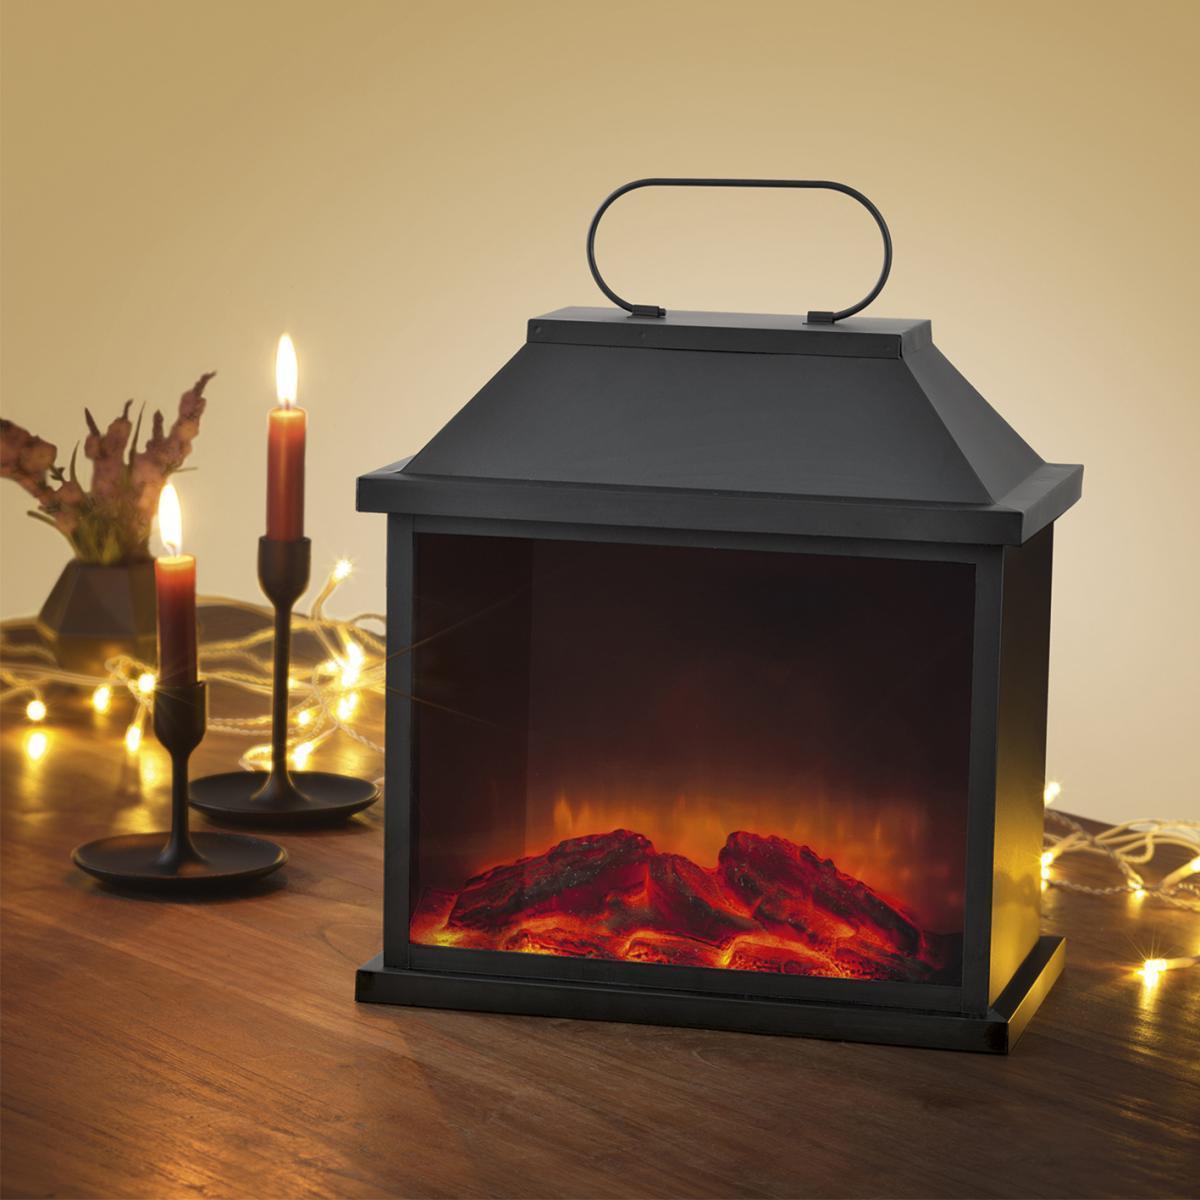 Bild 5 von EASYmaxx LED-Laterne Flamme Metall 4,5V schwarz